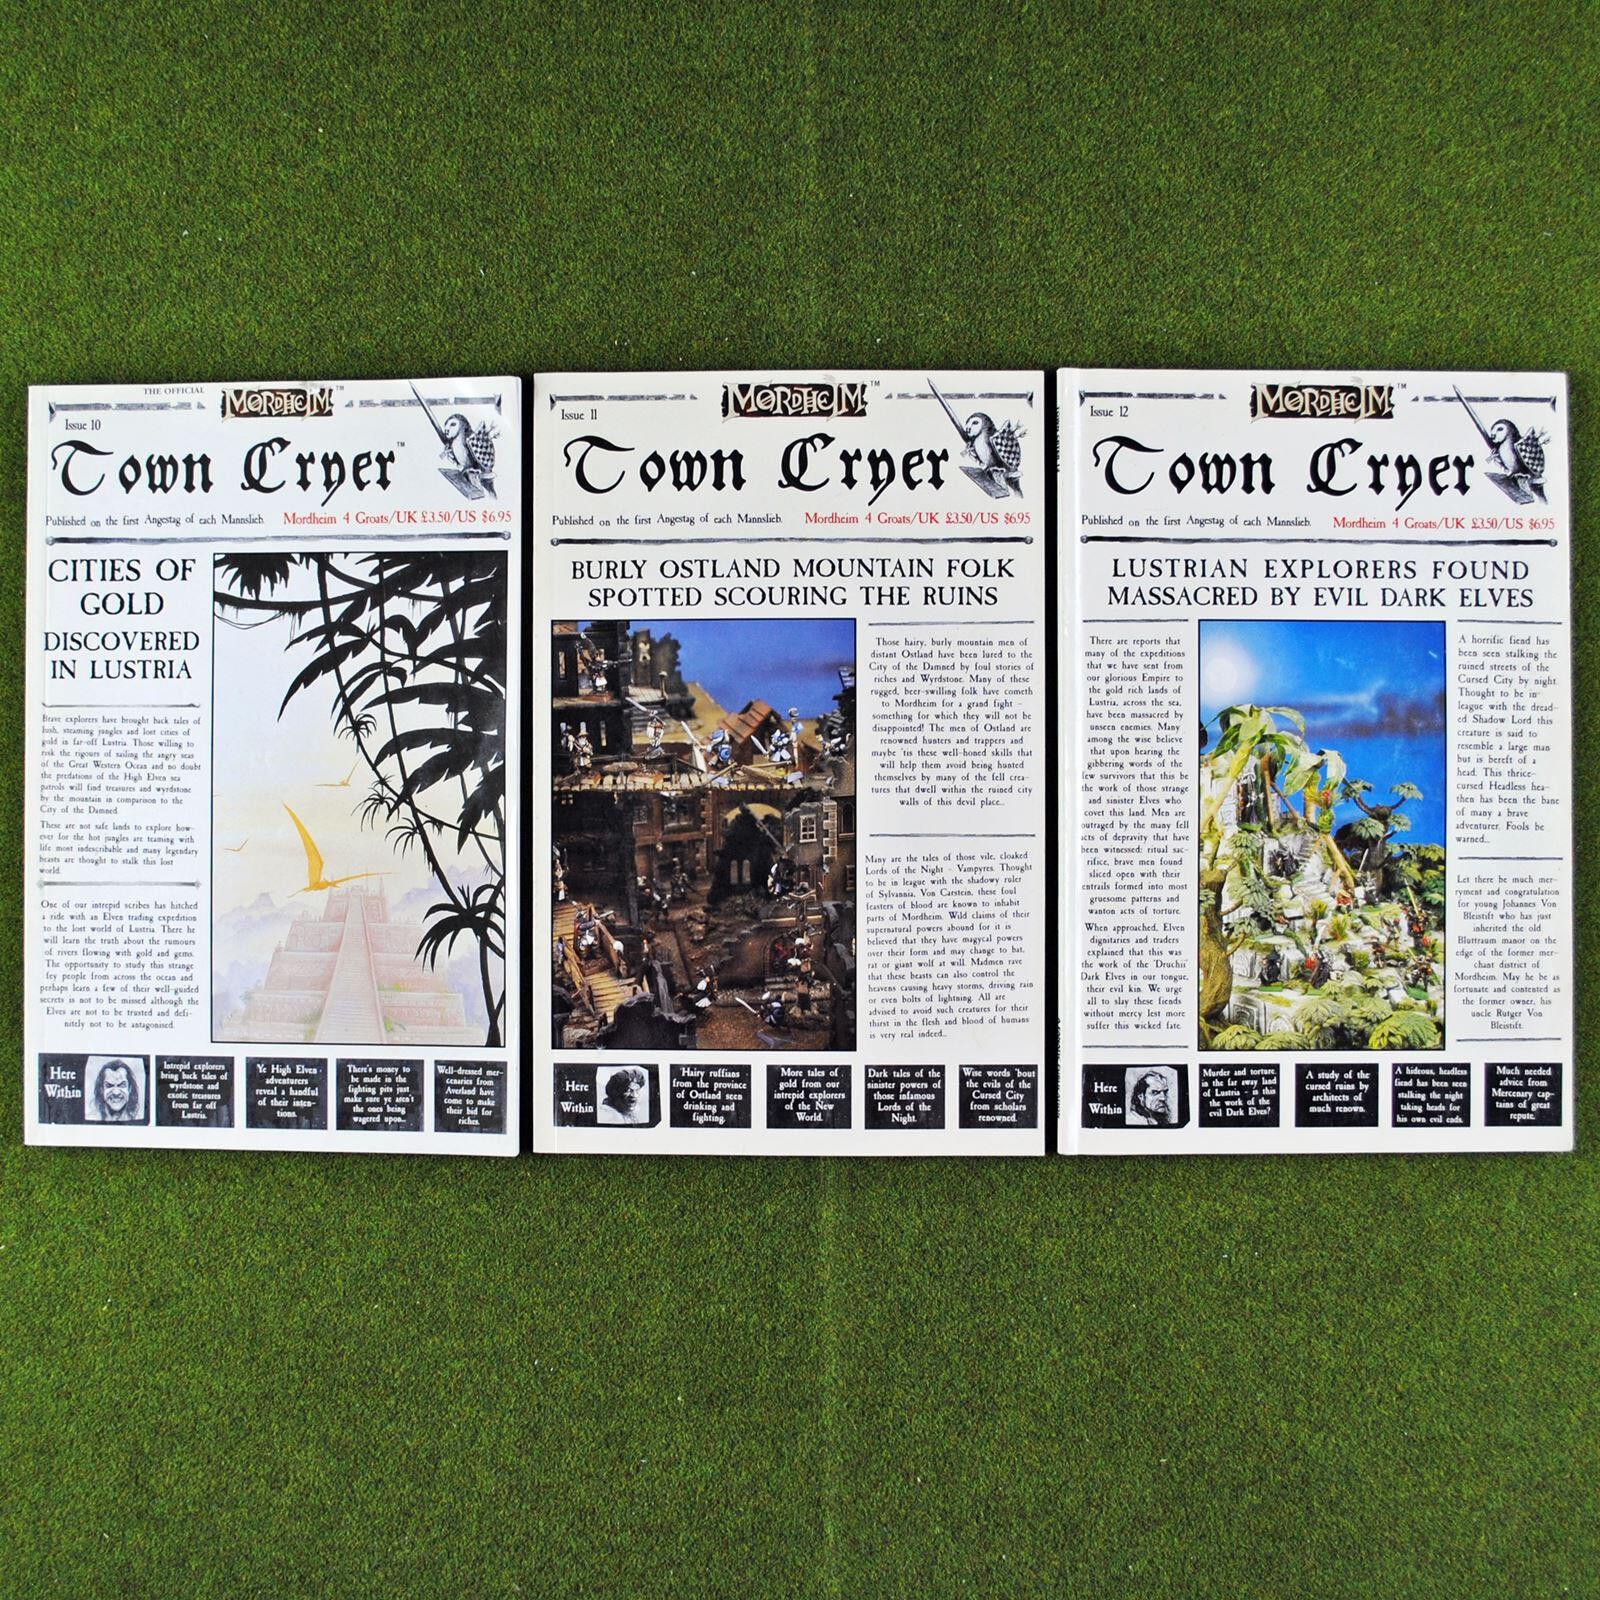 Mordheim stadt cryer magazine (fragen 10 11 12) - games workshop zitadelle thema